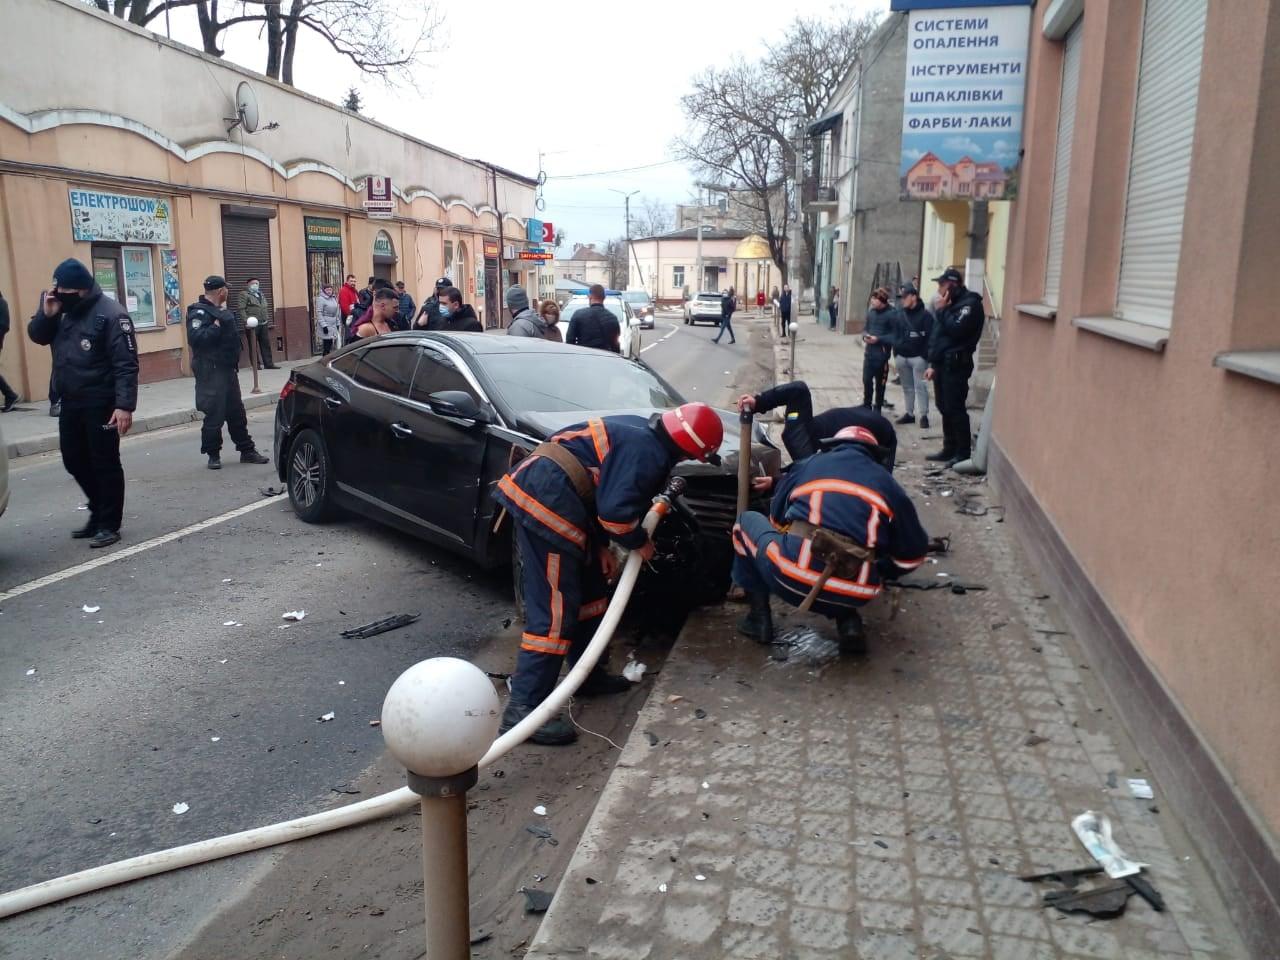 У Рогатині авто врізалося у стіну магазину (ФОТО, ВІДЕО, ОНОВЛЕНО)